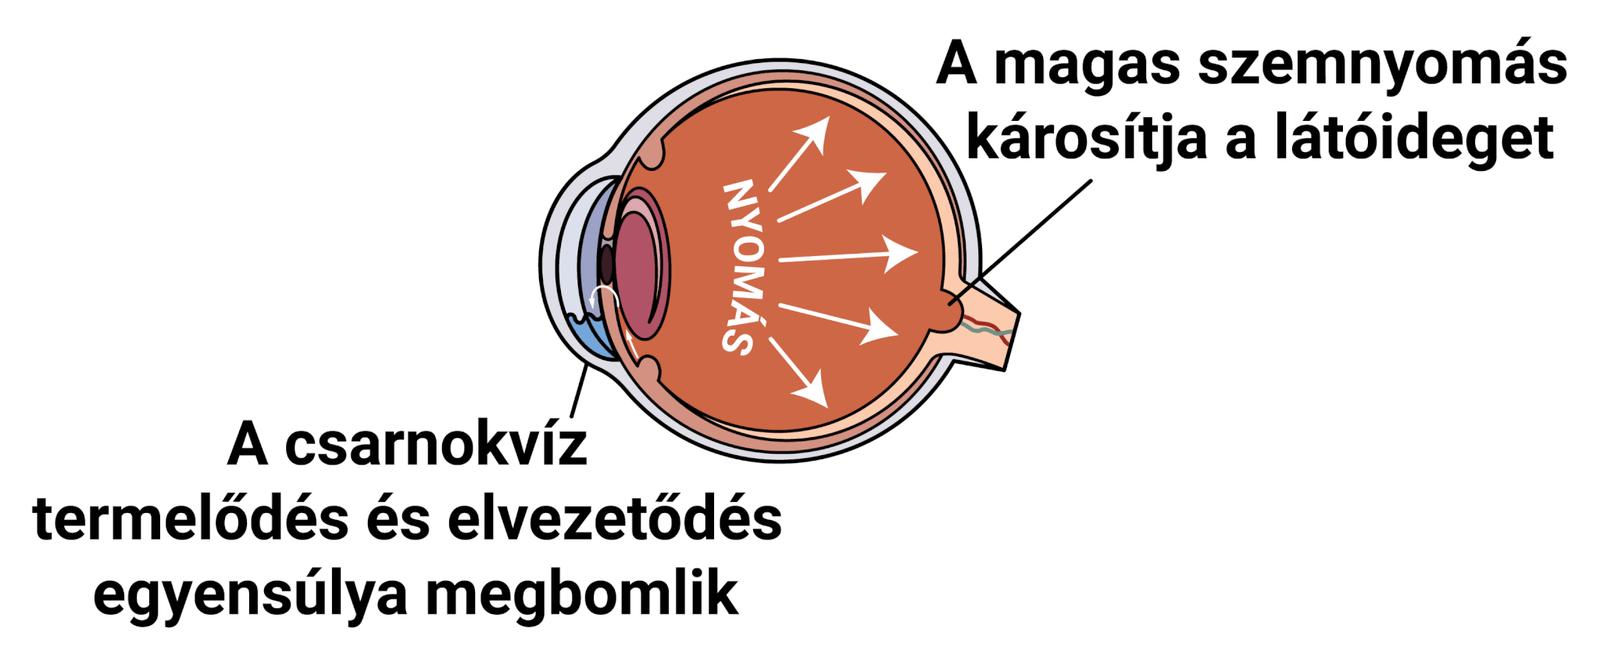 A glaukóma és a magas vérnyomás